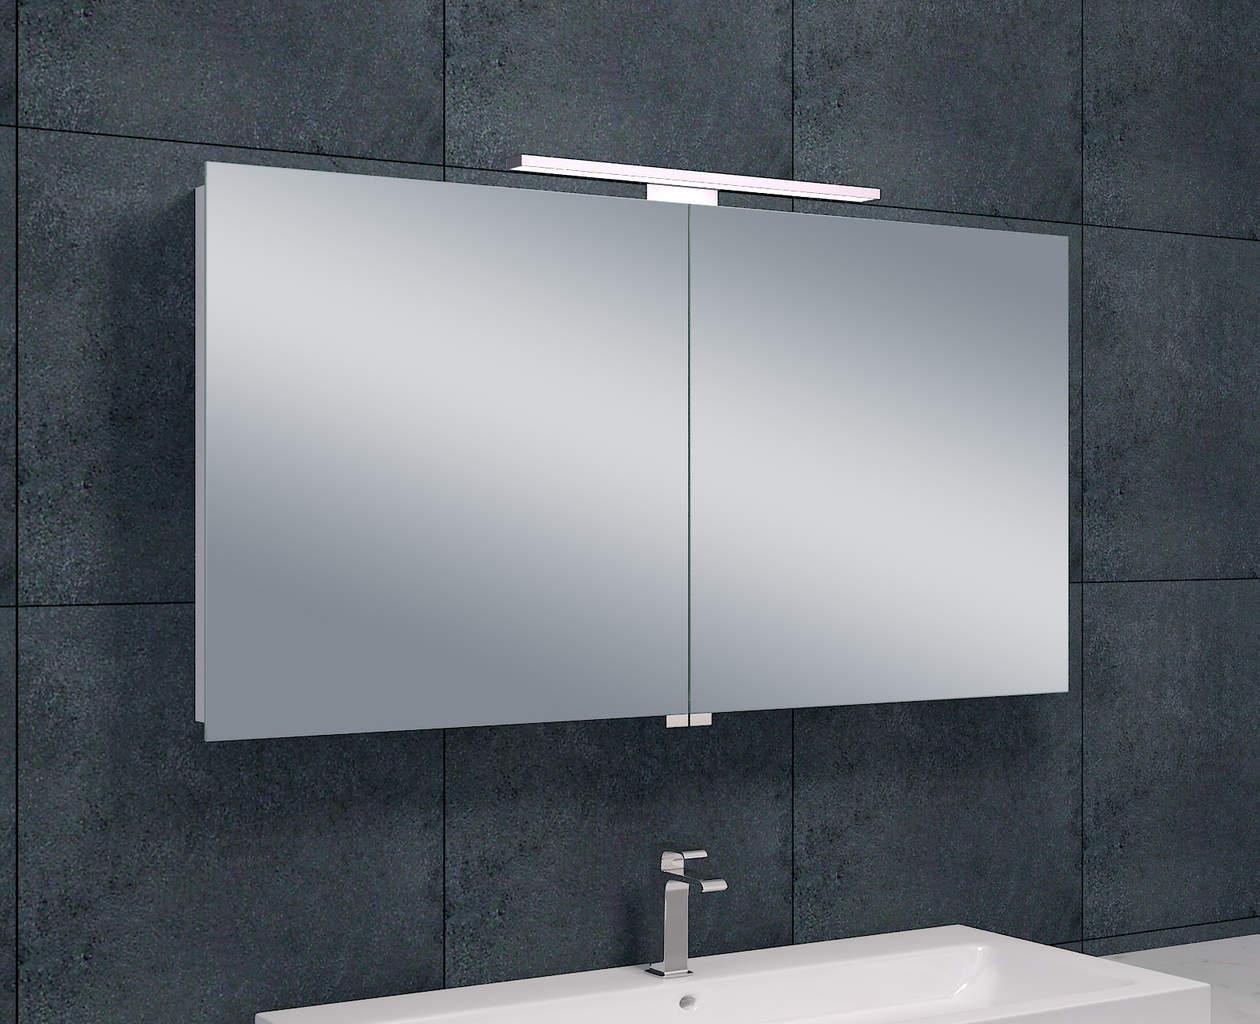 Luxe spiegelkast led verlichting 120x60x14cm megadump for Led verlichting spiegelkast badkamer